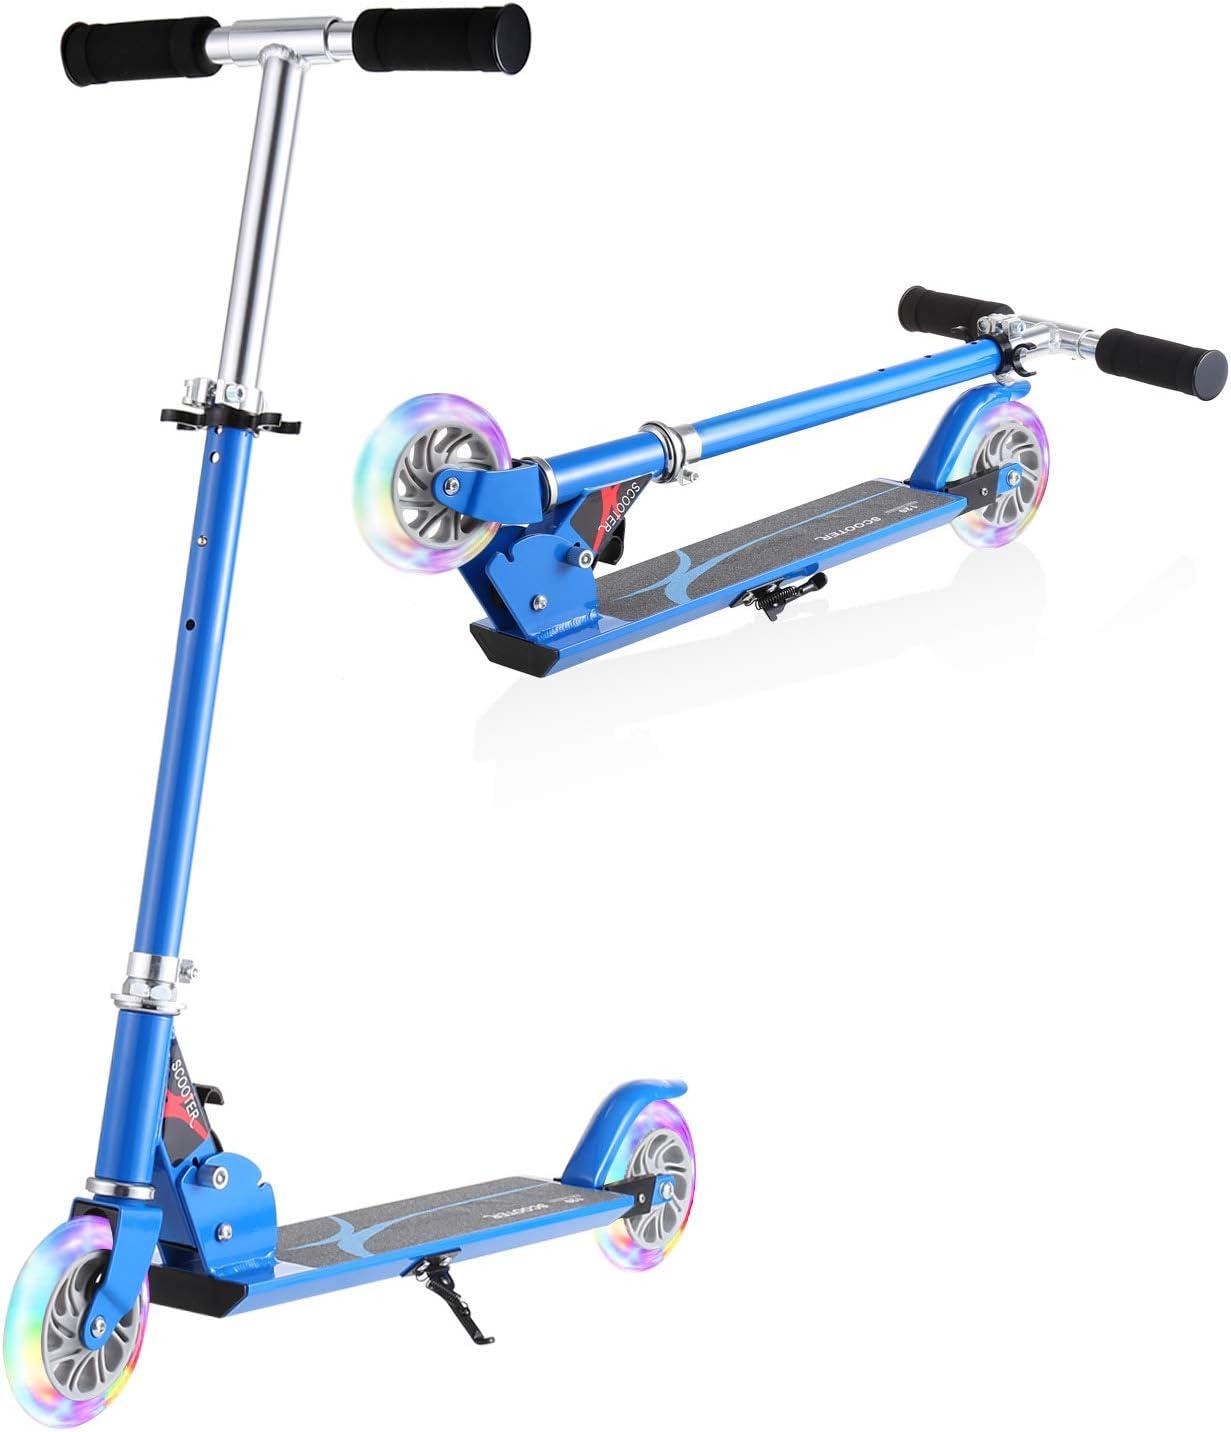 Carga M/áxima de 50 kg WeSkate Patinete Plegable 2 Ruedas para Ni/ños de 4 a 10 A/ños Scooter Ajustable en 3 Niveles para Ni/ñas y Ni/ños Rosa, Azul